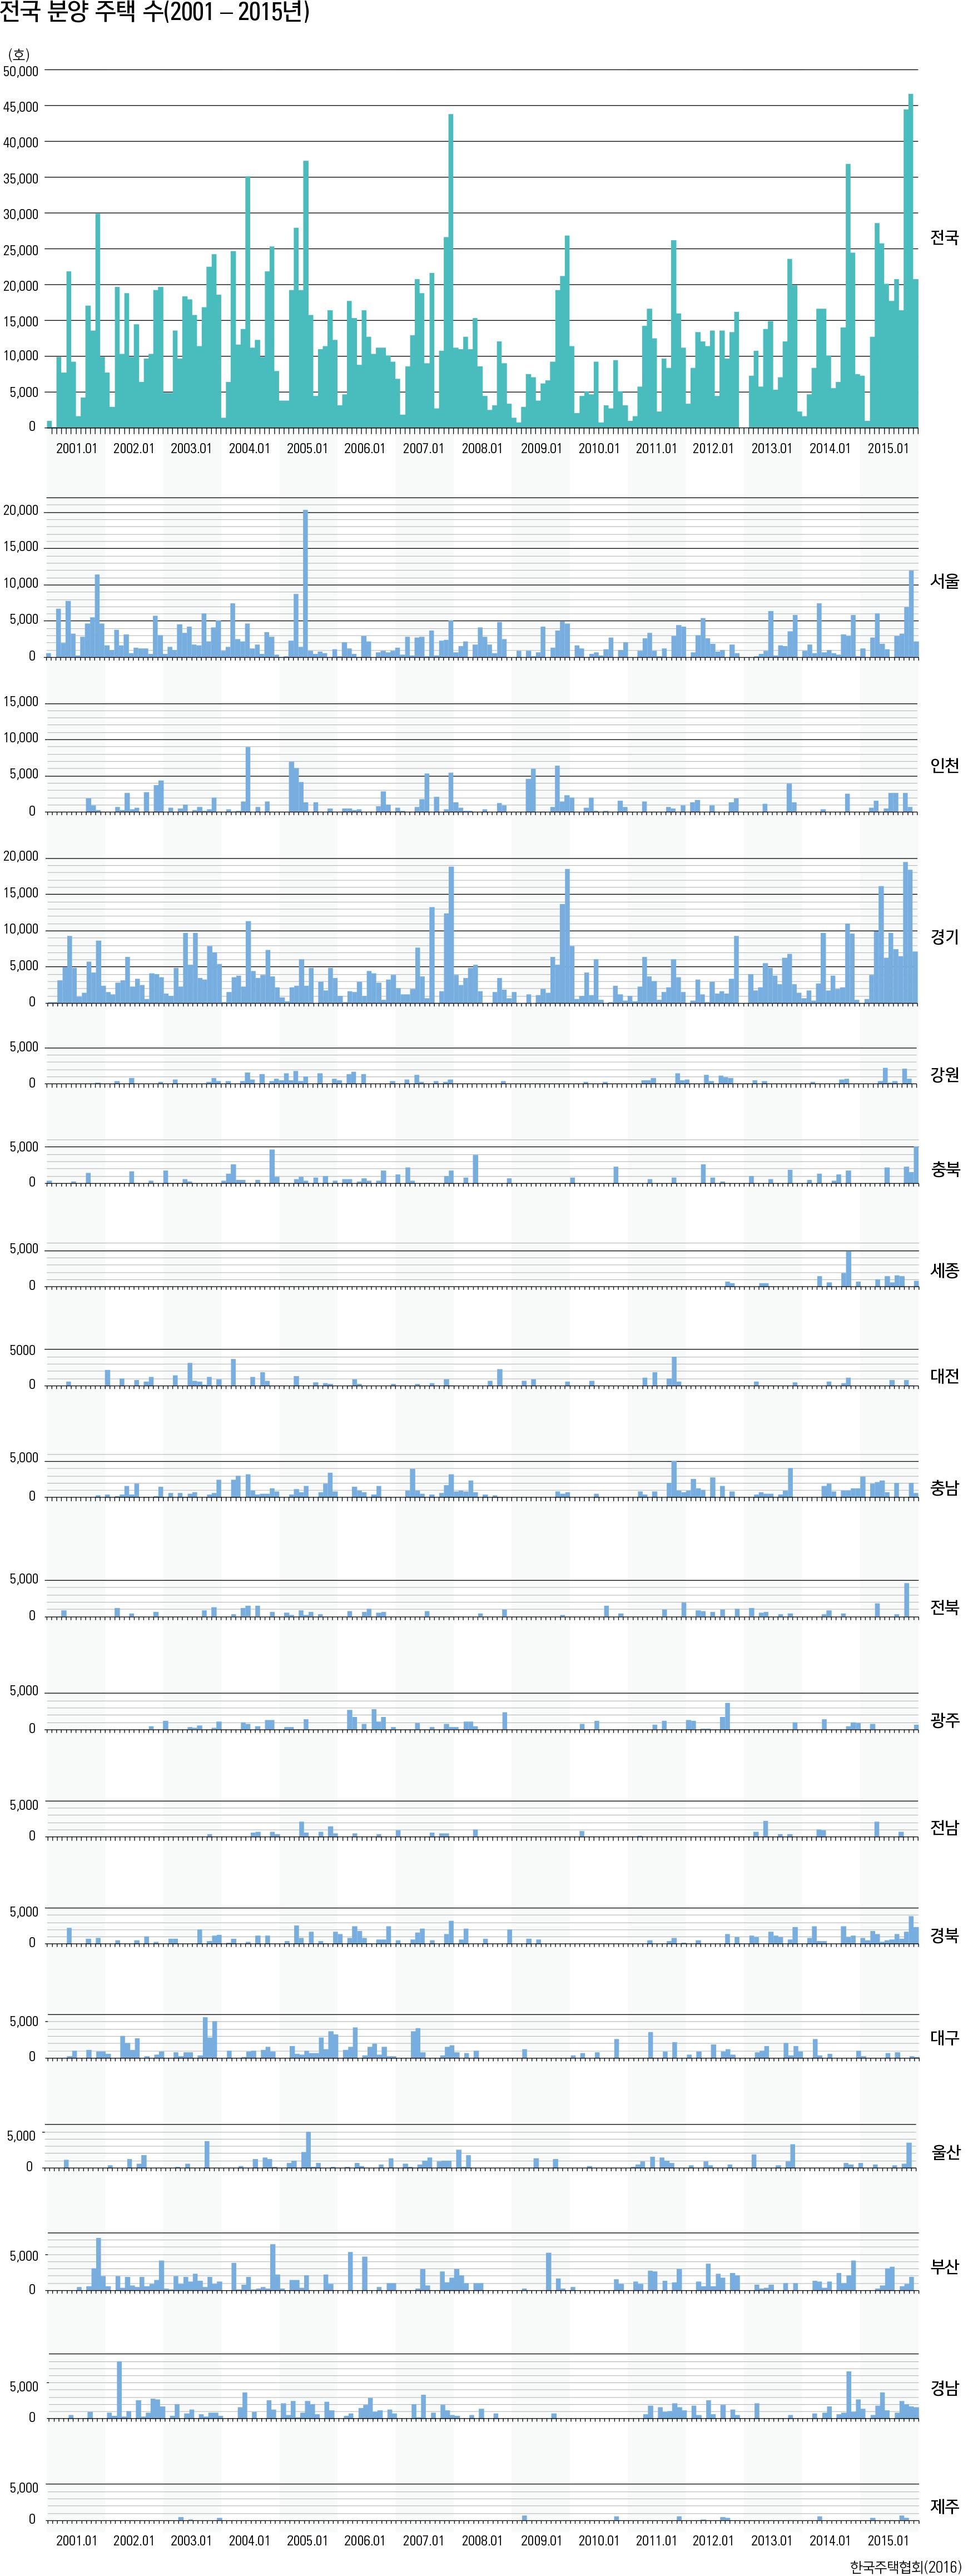 전국 분양 주택 수(2001-2015년)